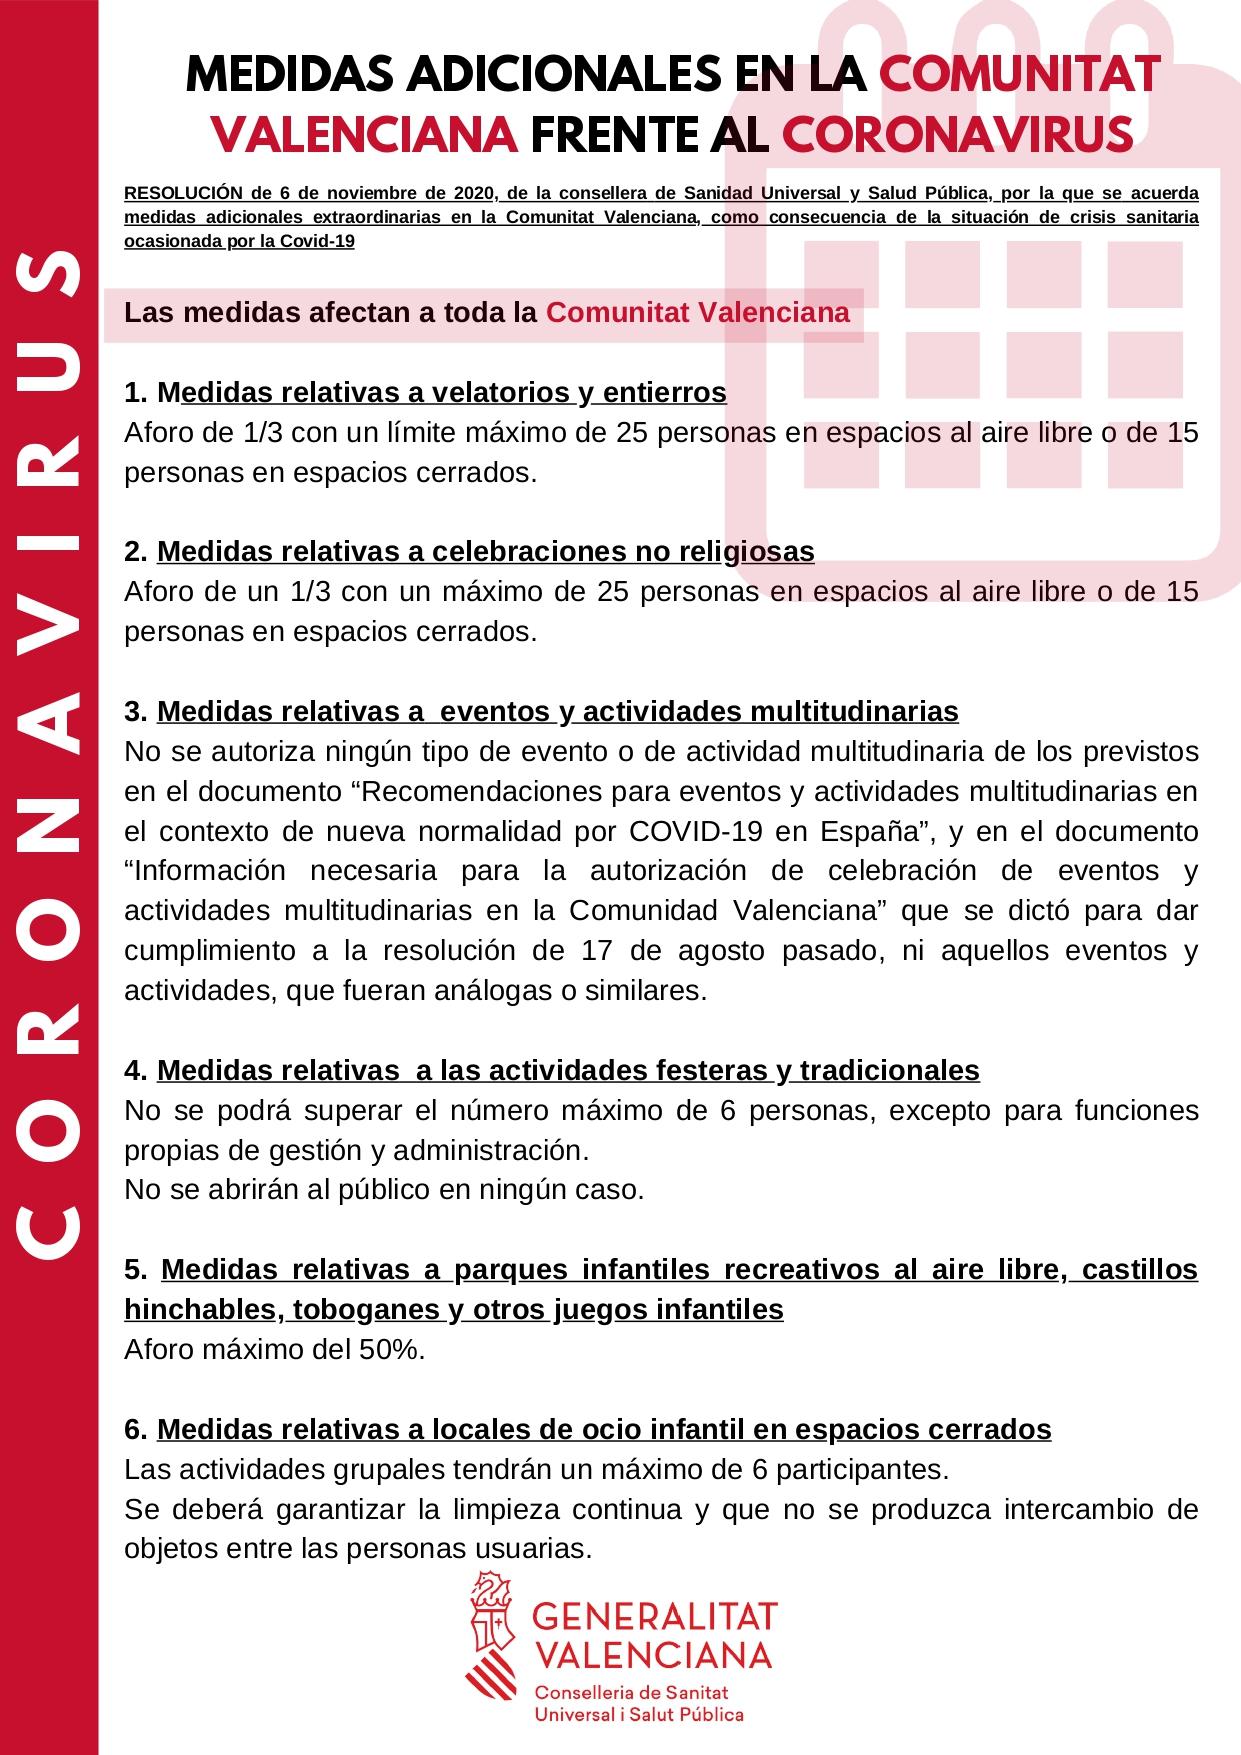 La Generalitat Valenciana aprueba nuevas medidas para frenar el coronavirus